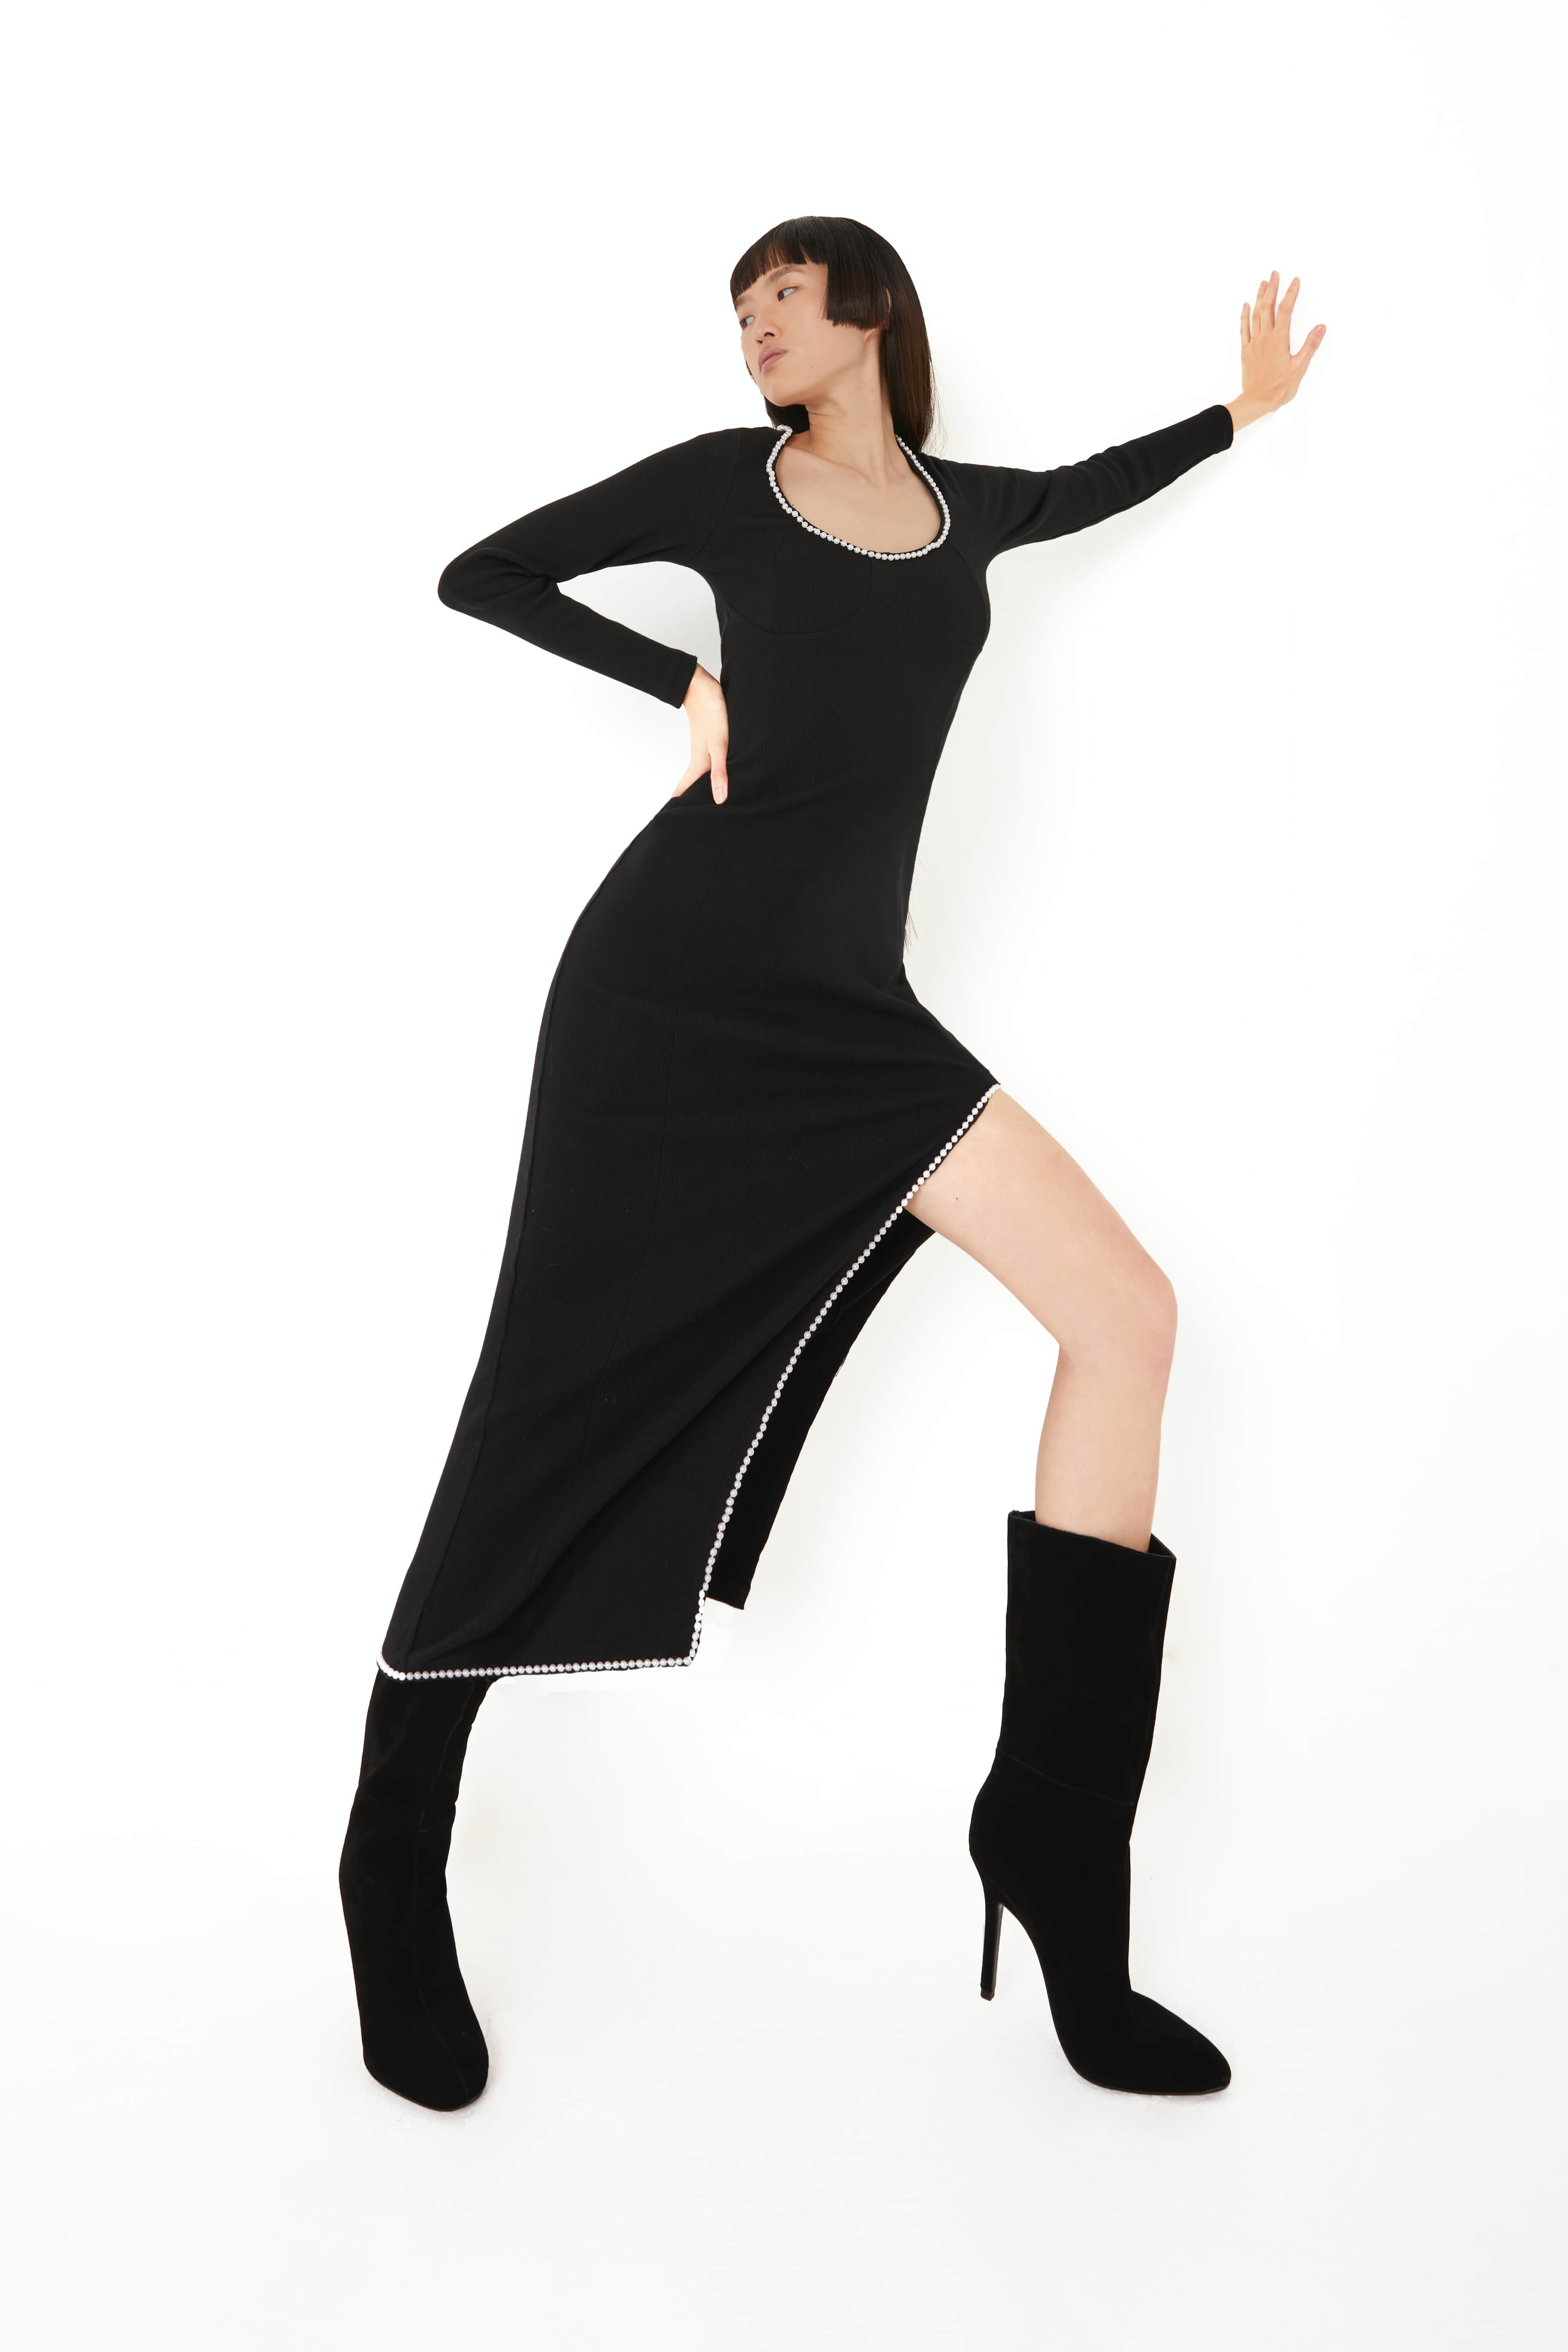 View 5 of model wearing Kmeya Maxi Dress in black.